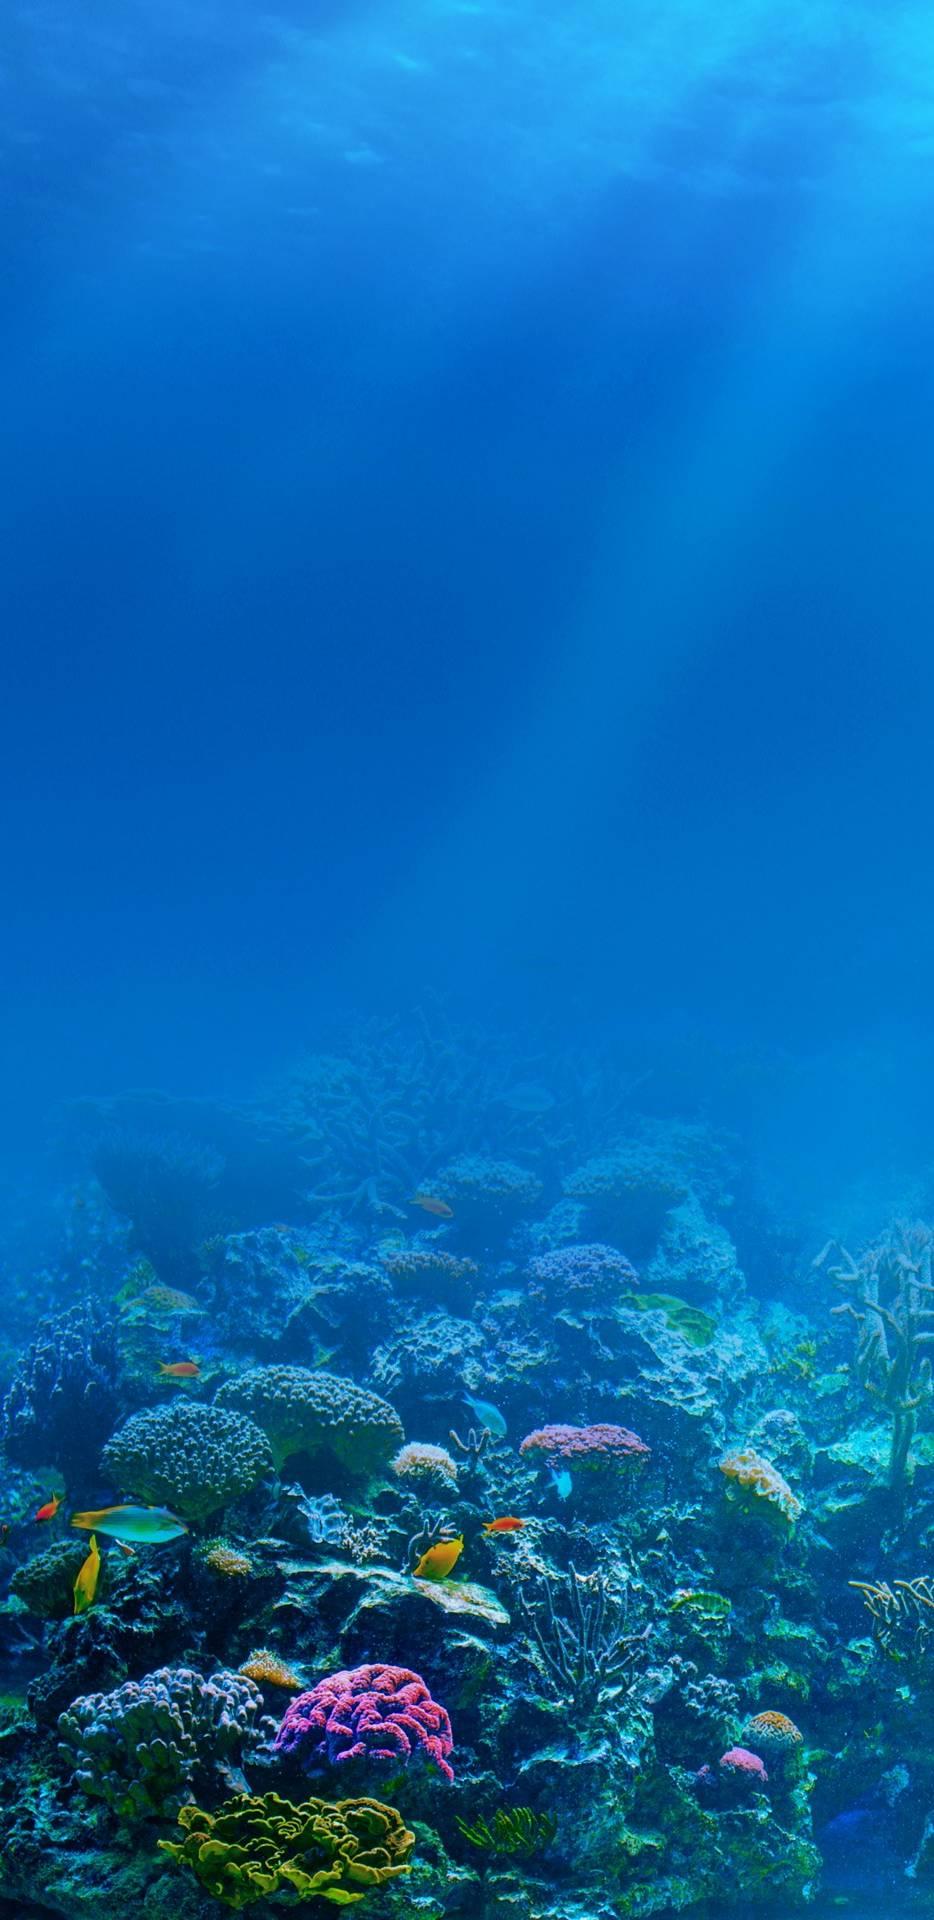 Underwater iPhone Wallpaper